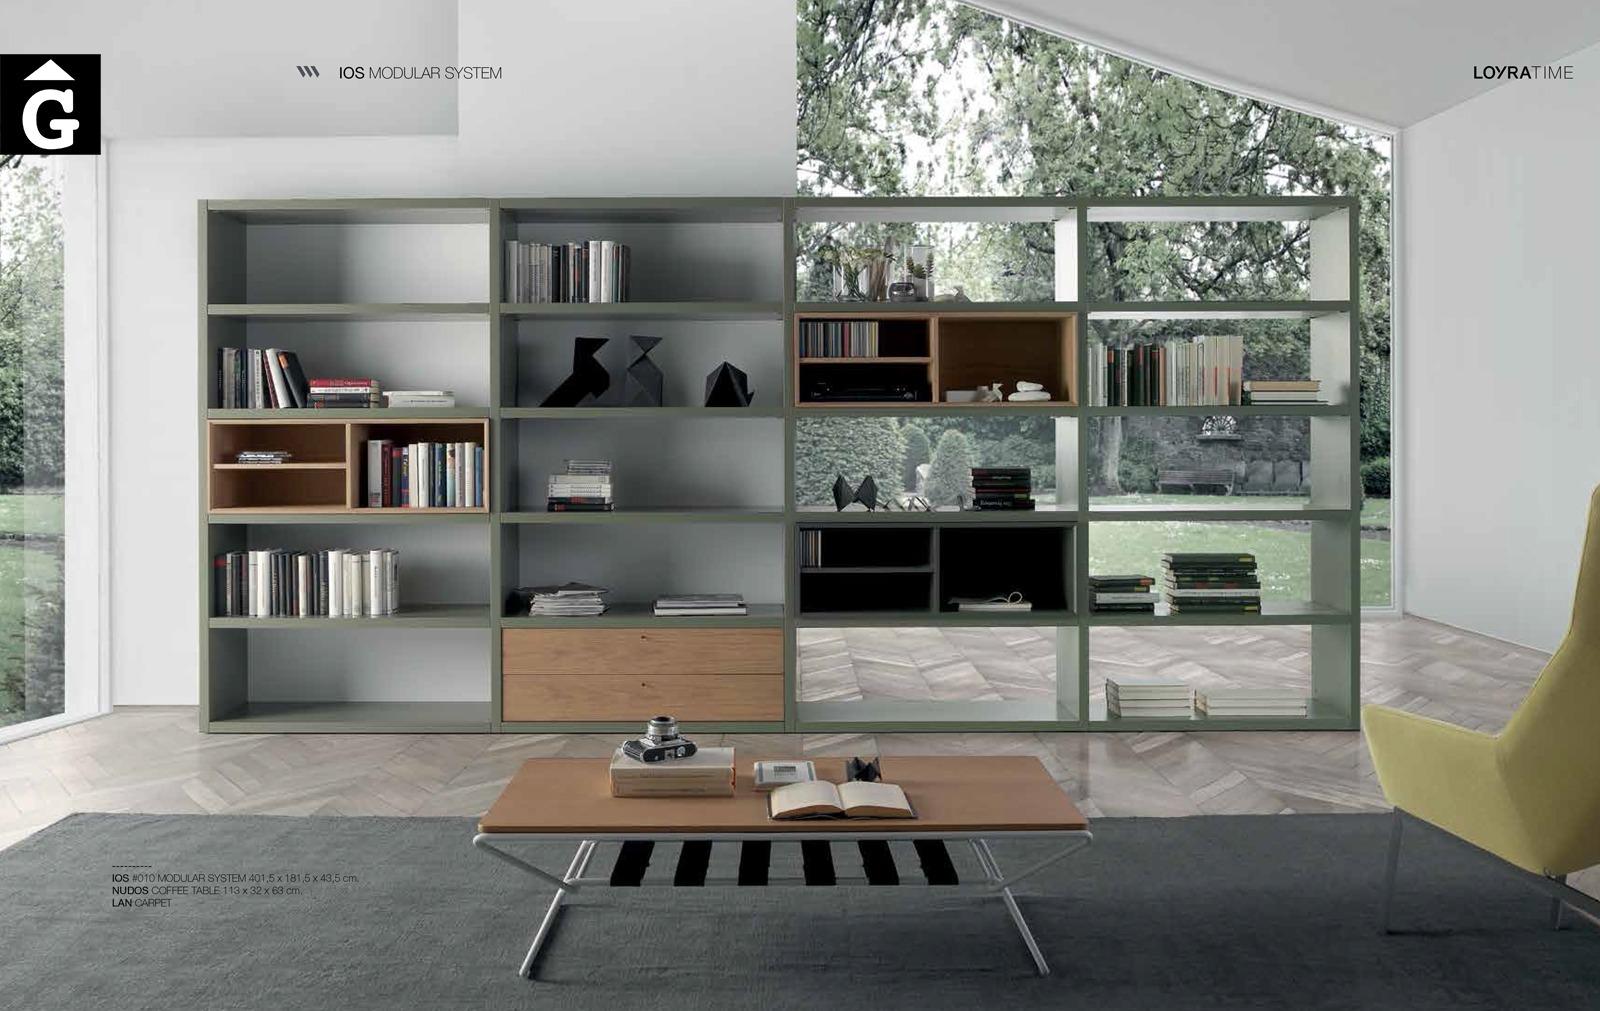 Llibreria bifacial 0 Loyra muebles by mobles Gifreu Idees per la llar moble de qualitat